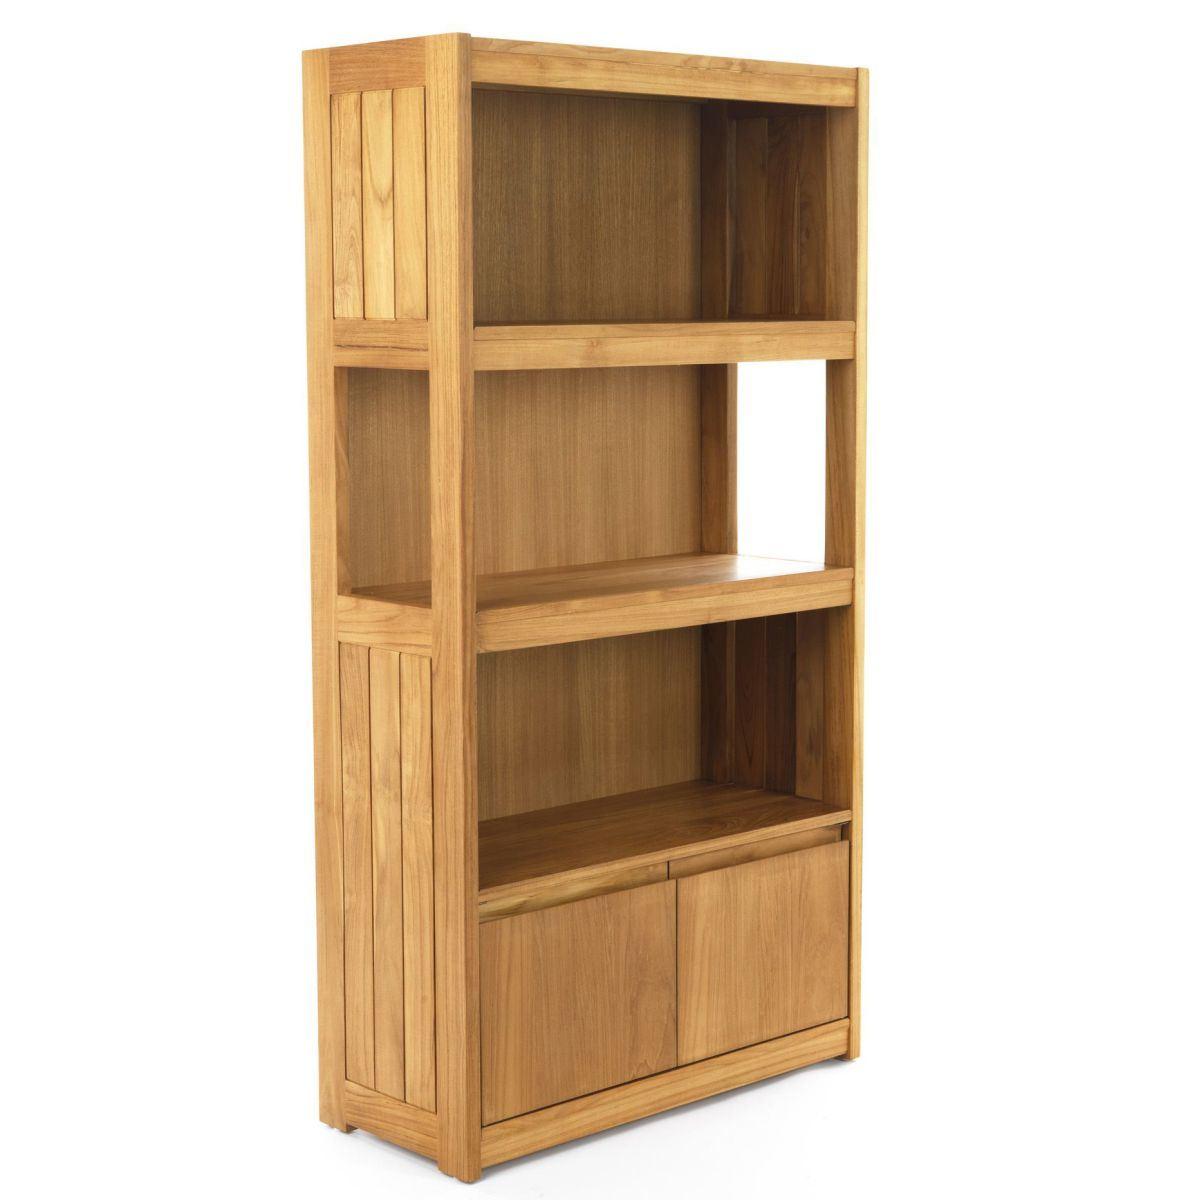 Peque os estantes para libros de madera peque os - Estantes para pared ...